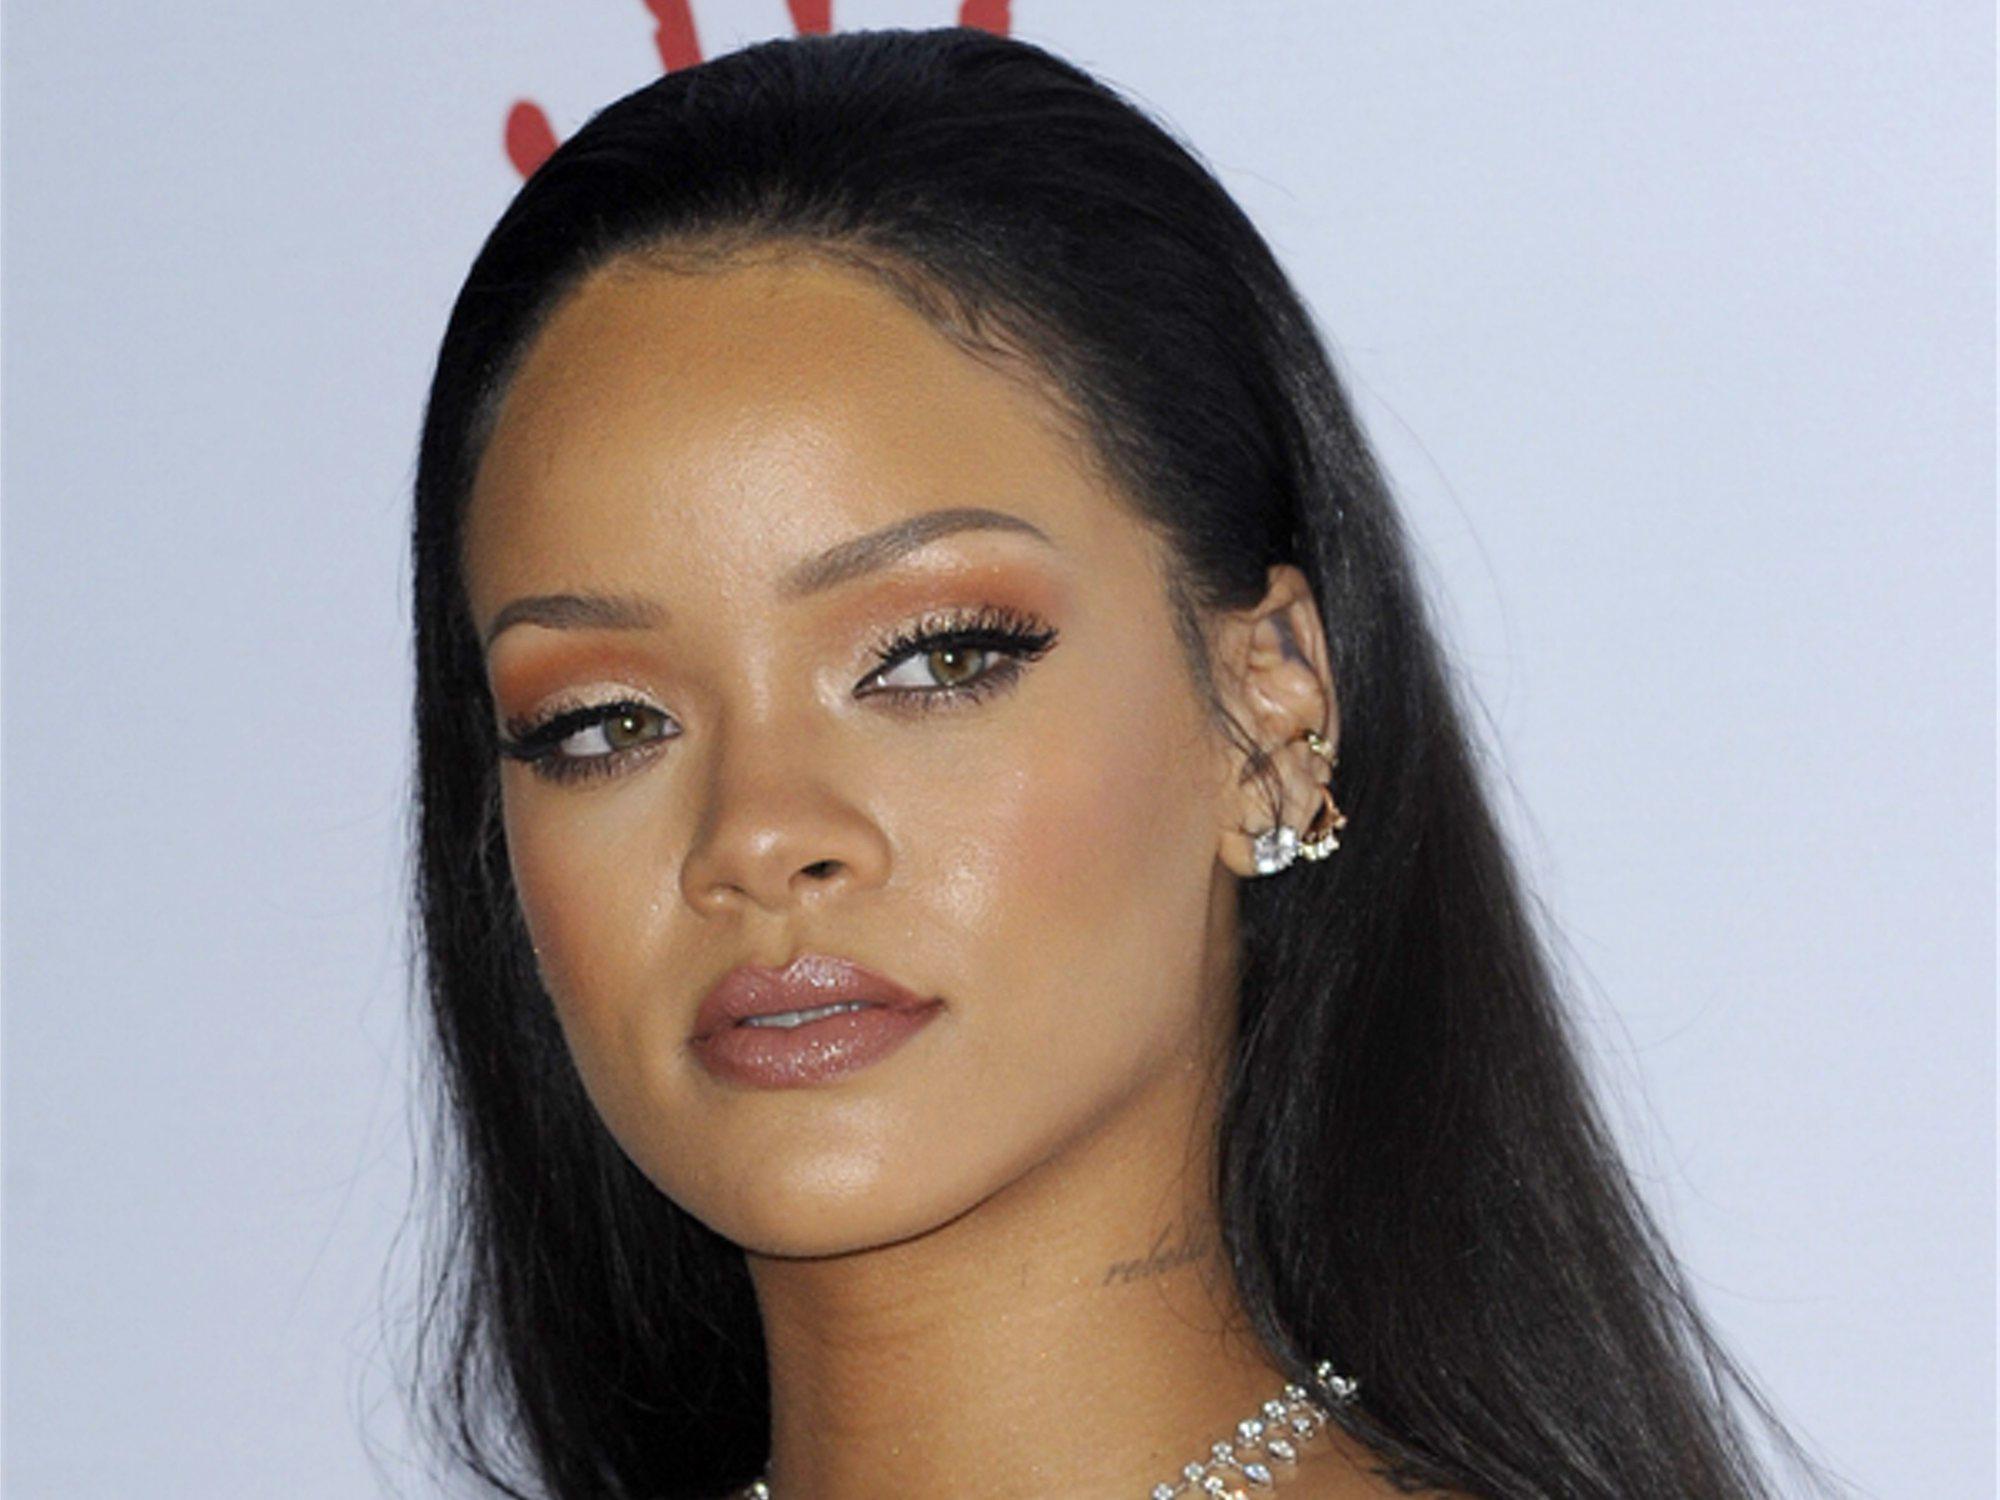 Es una niña pero es idéntica a Rihanna y ha revolucionado las redes sociales